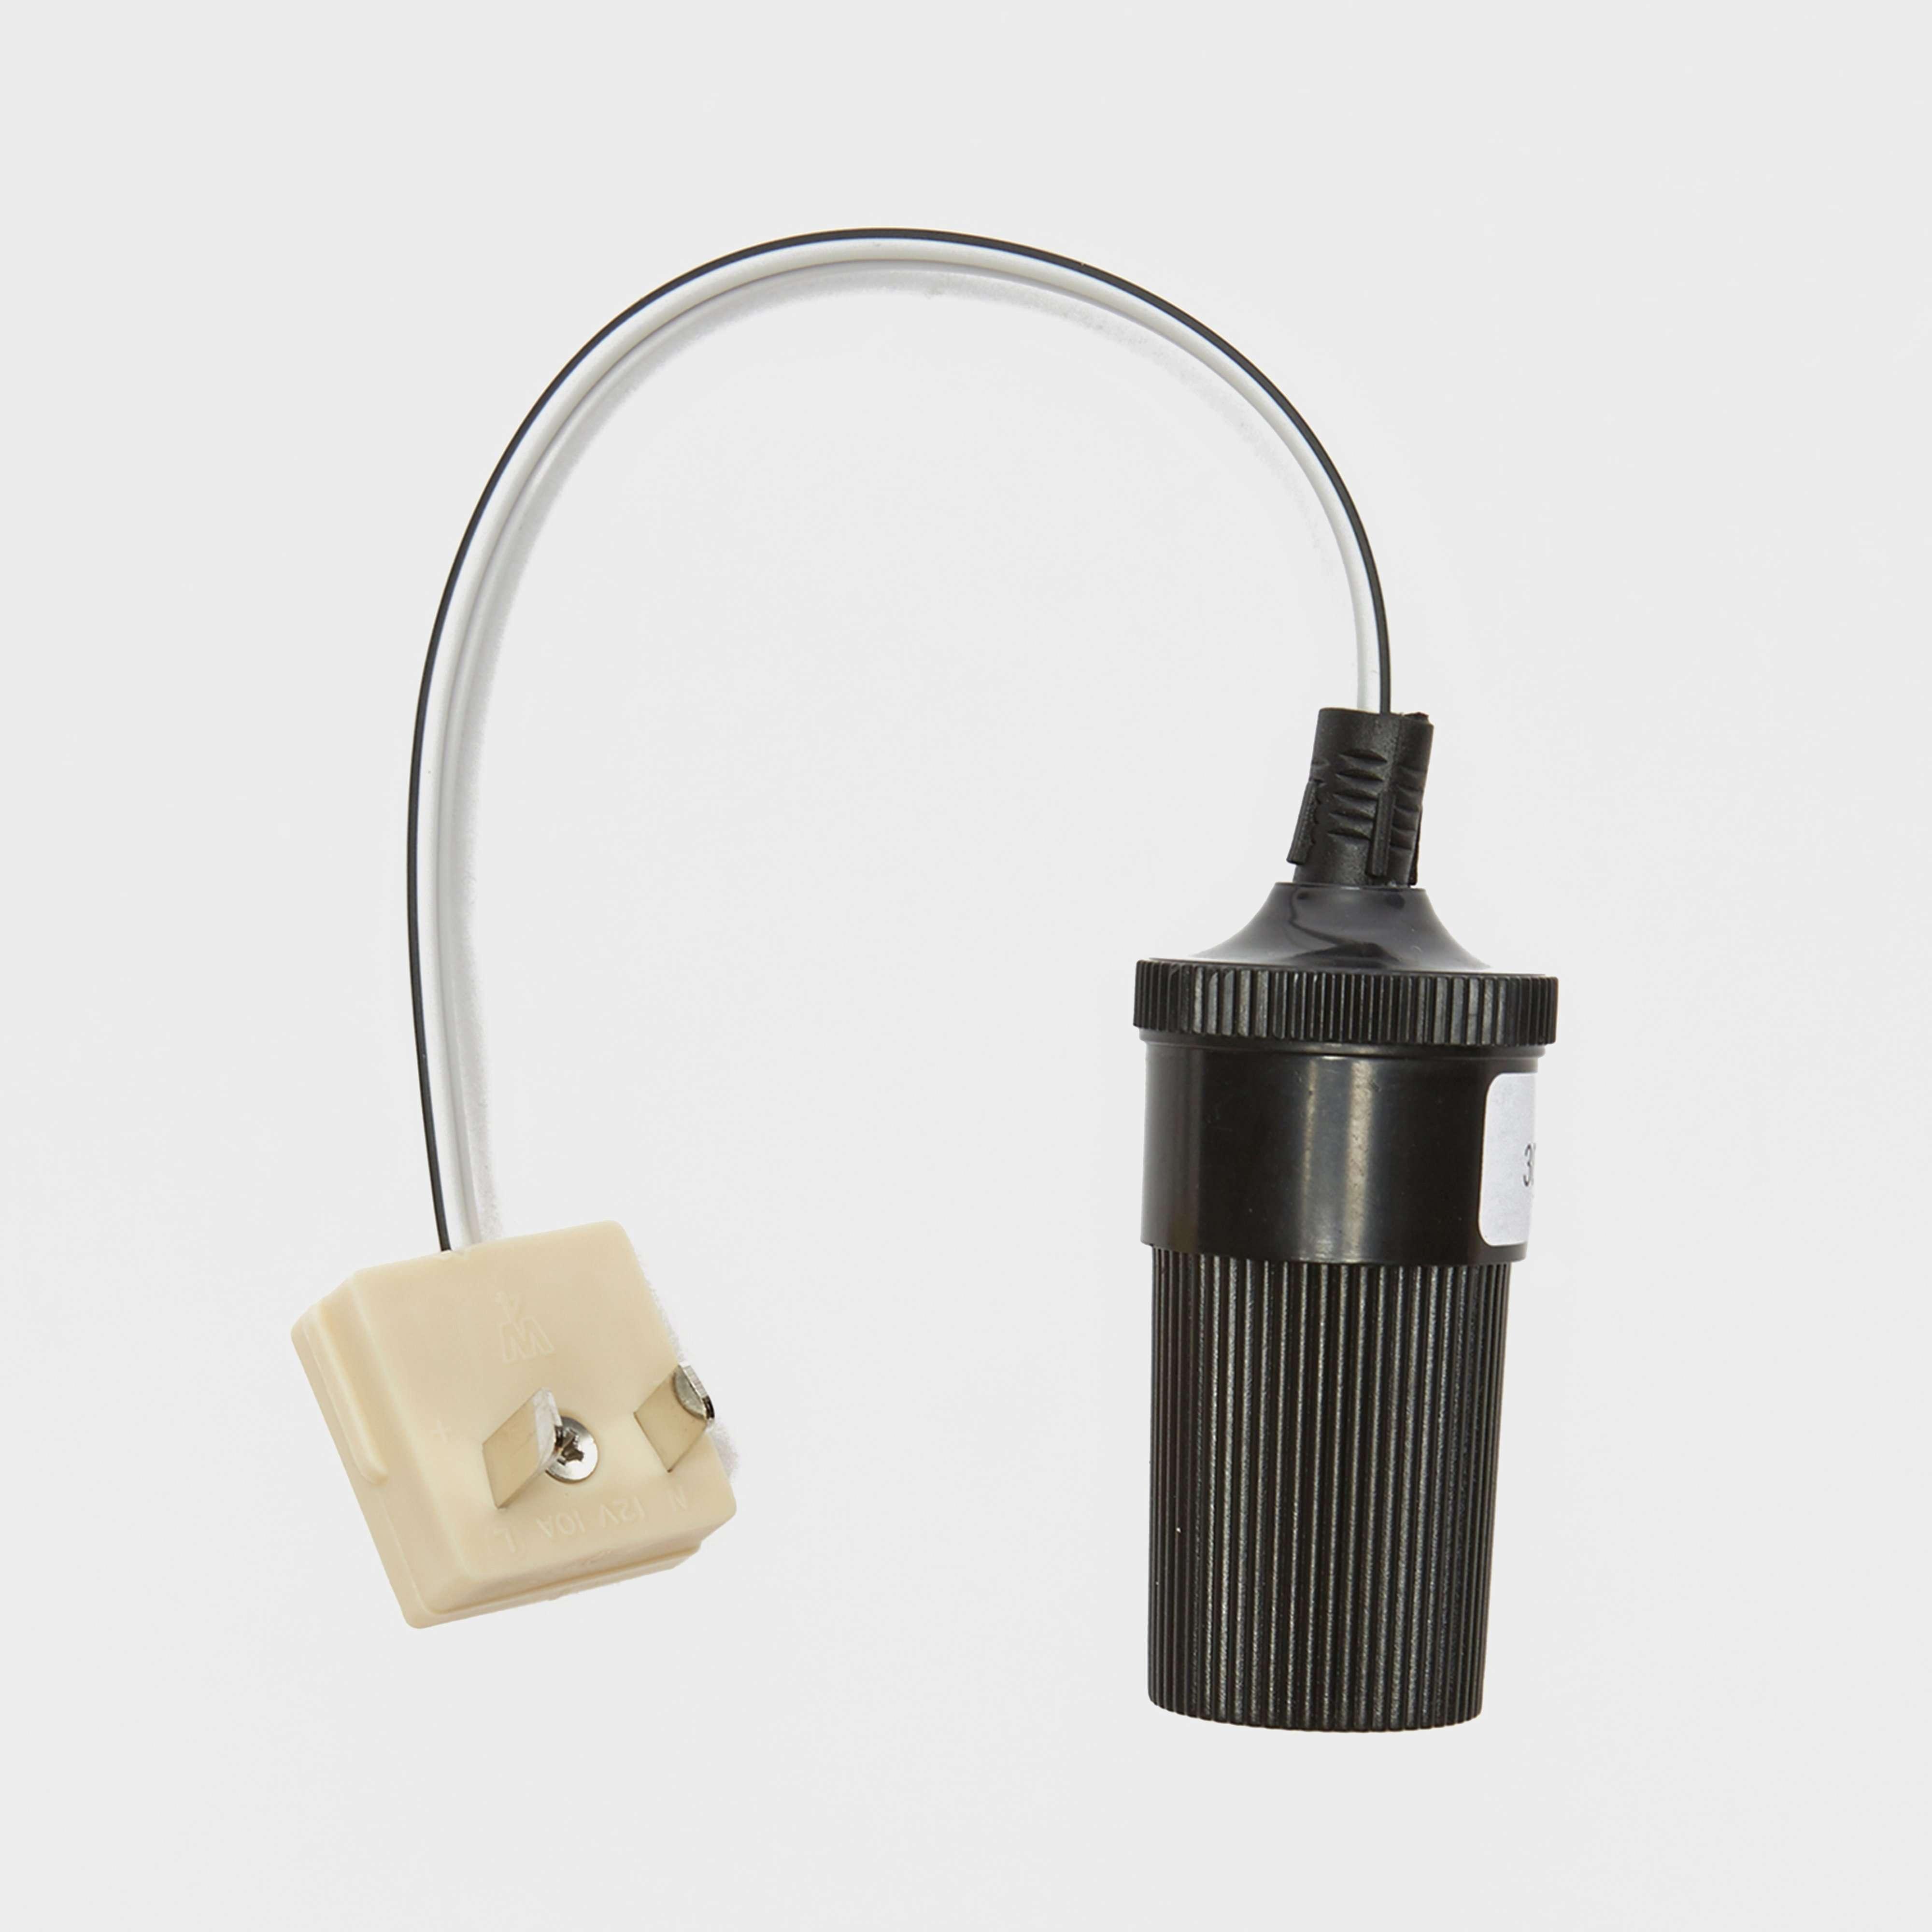 W4 Adapt It 12v Cigar Socket to W4 Type 2-Pin Plug